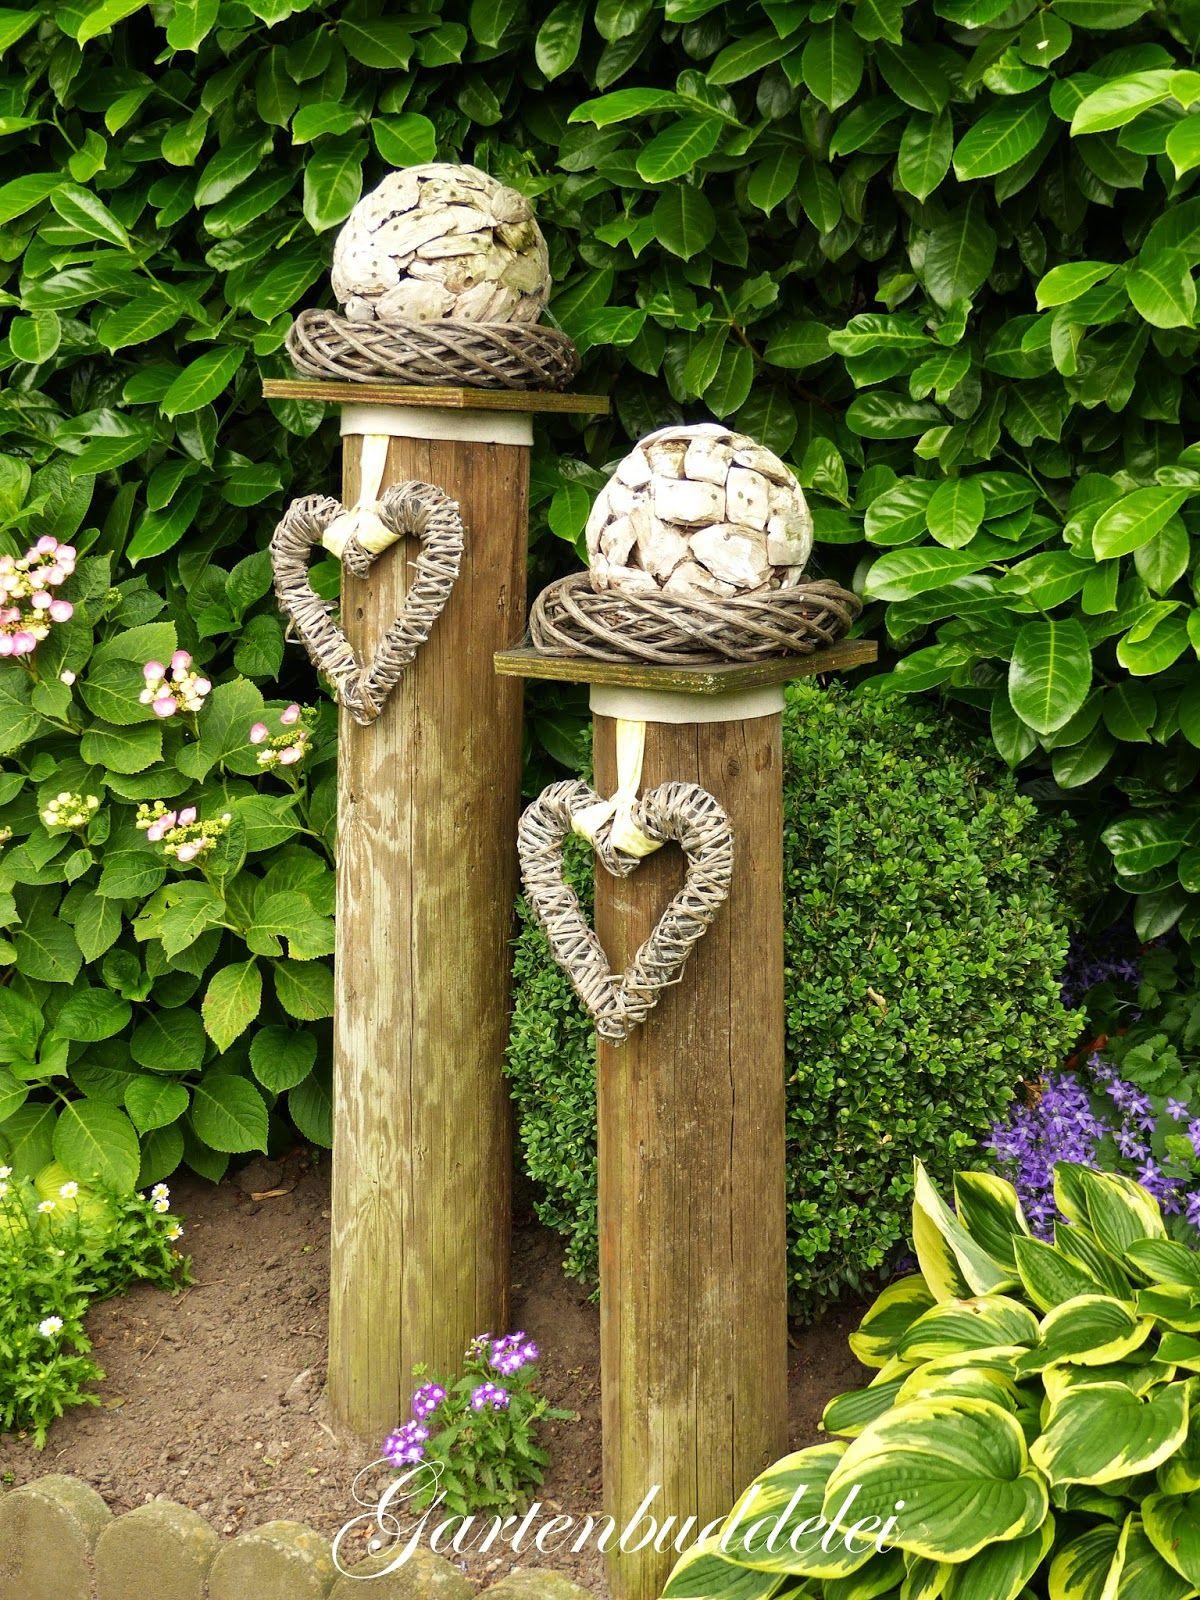 Gartenbuddelei: Besuch In Fremden Gärten ... Teil 3 | Gartendeko ... Garten Gestaltung Fruhling Sommer